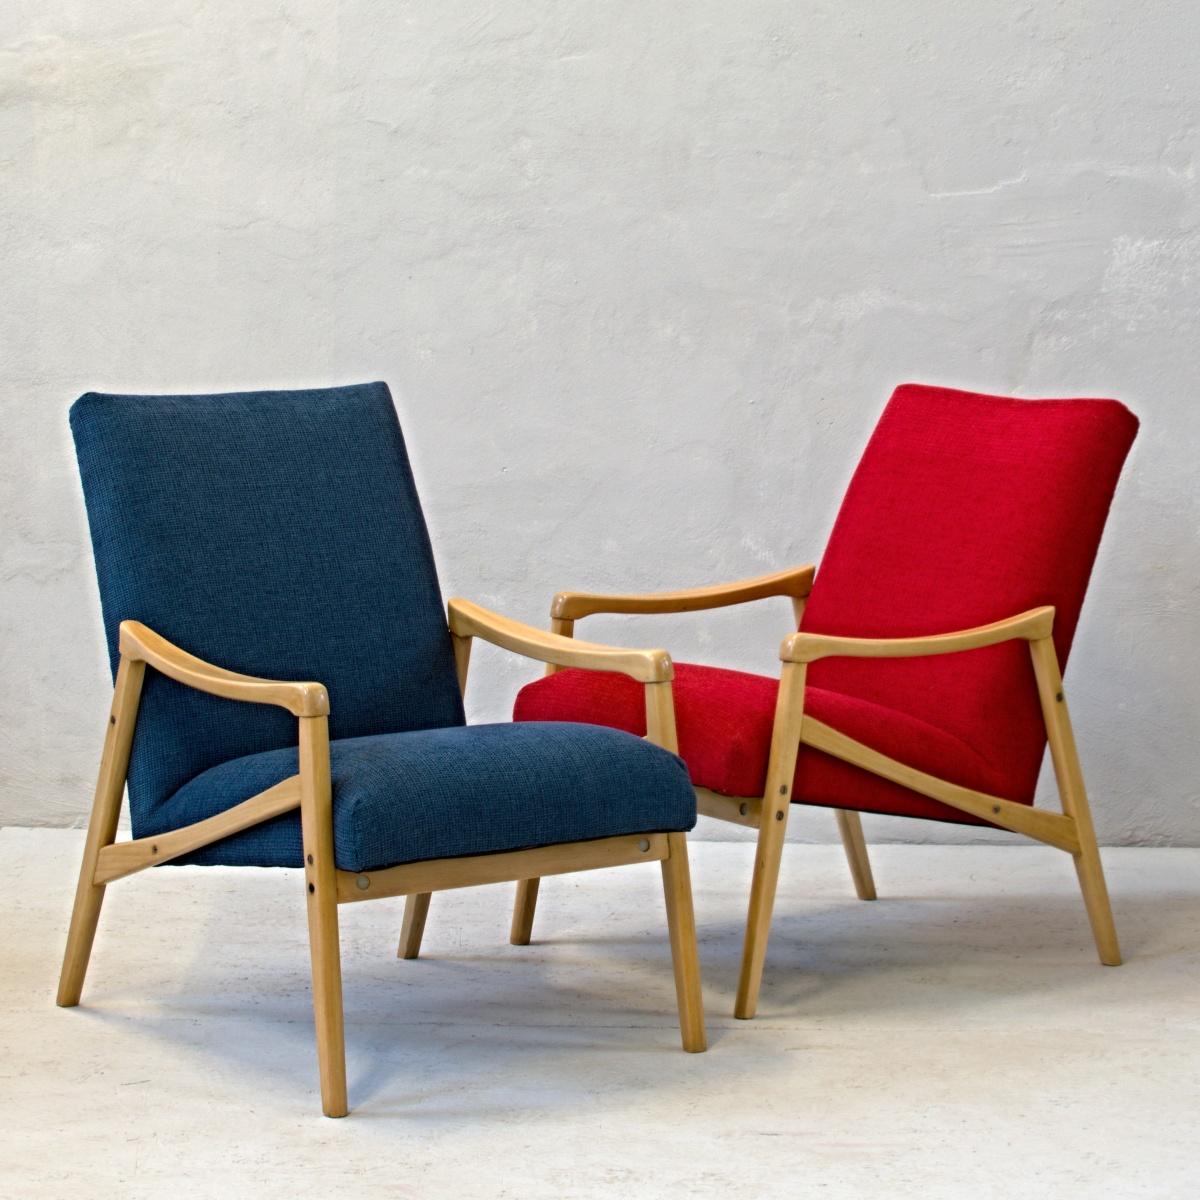 červené a modré křeslo se světlými dřevěnými područkami retro